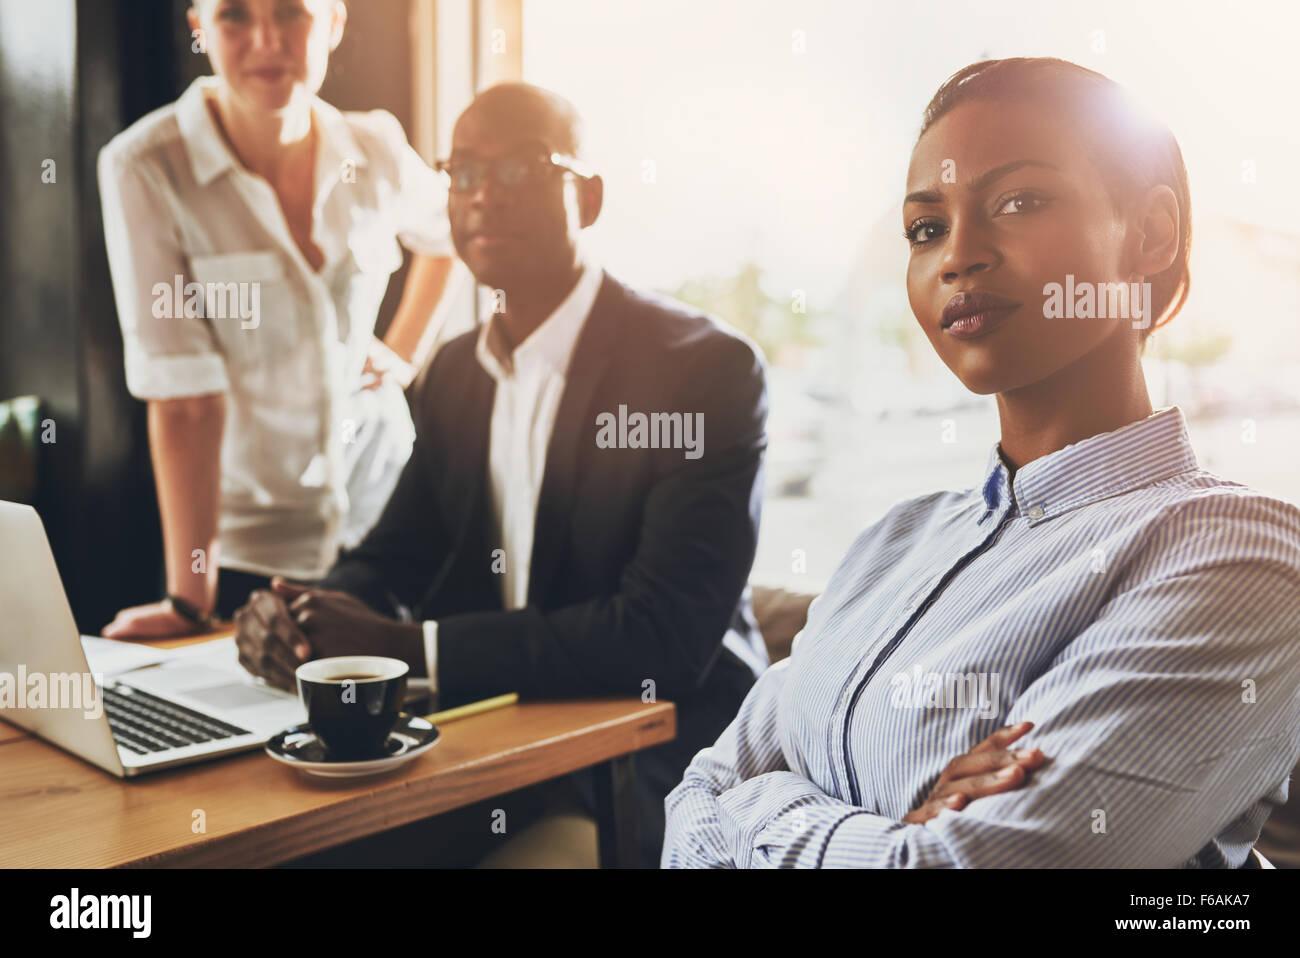 Zuversichtlich jungen schwarzen Business-Frau sitzt vor andere Geschäftsleute Stockbild